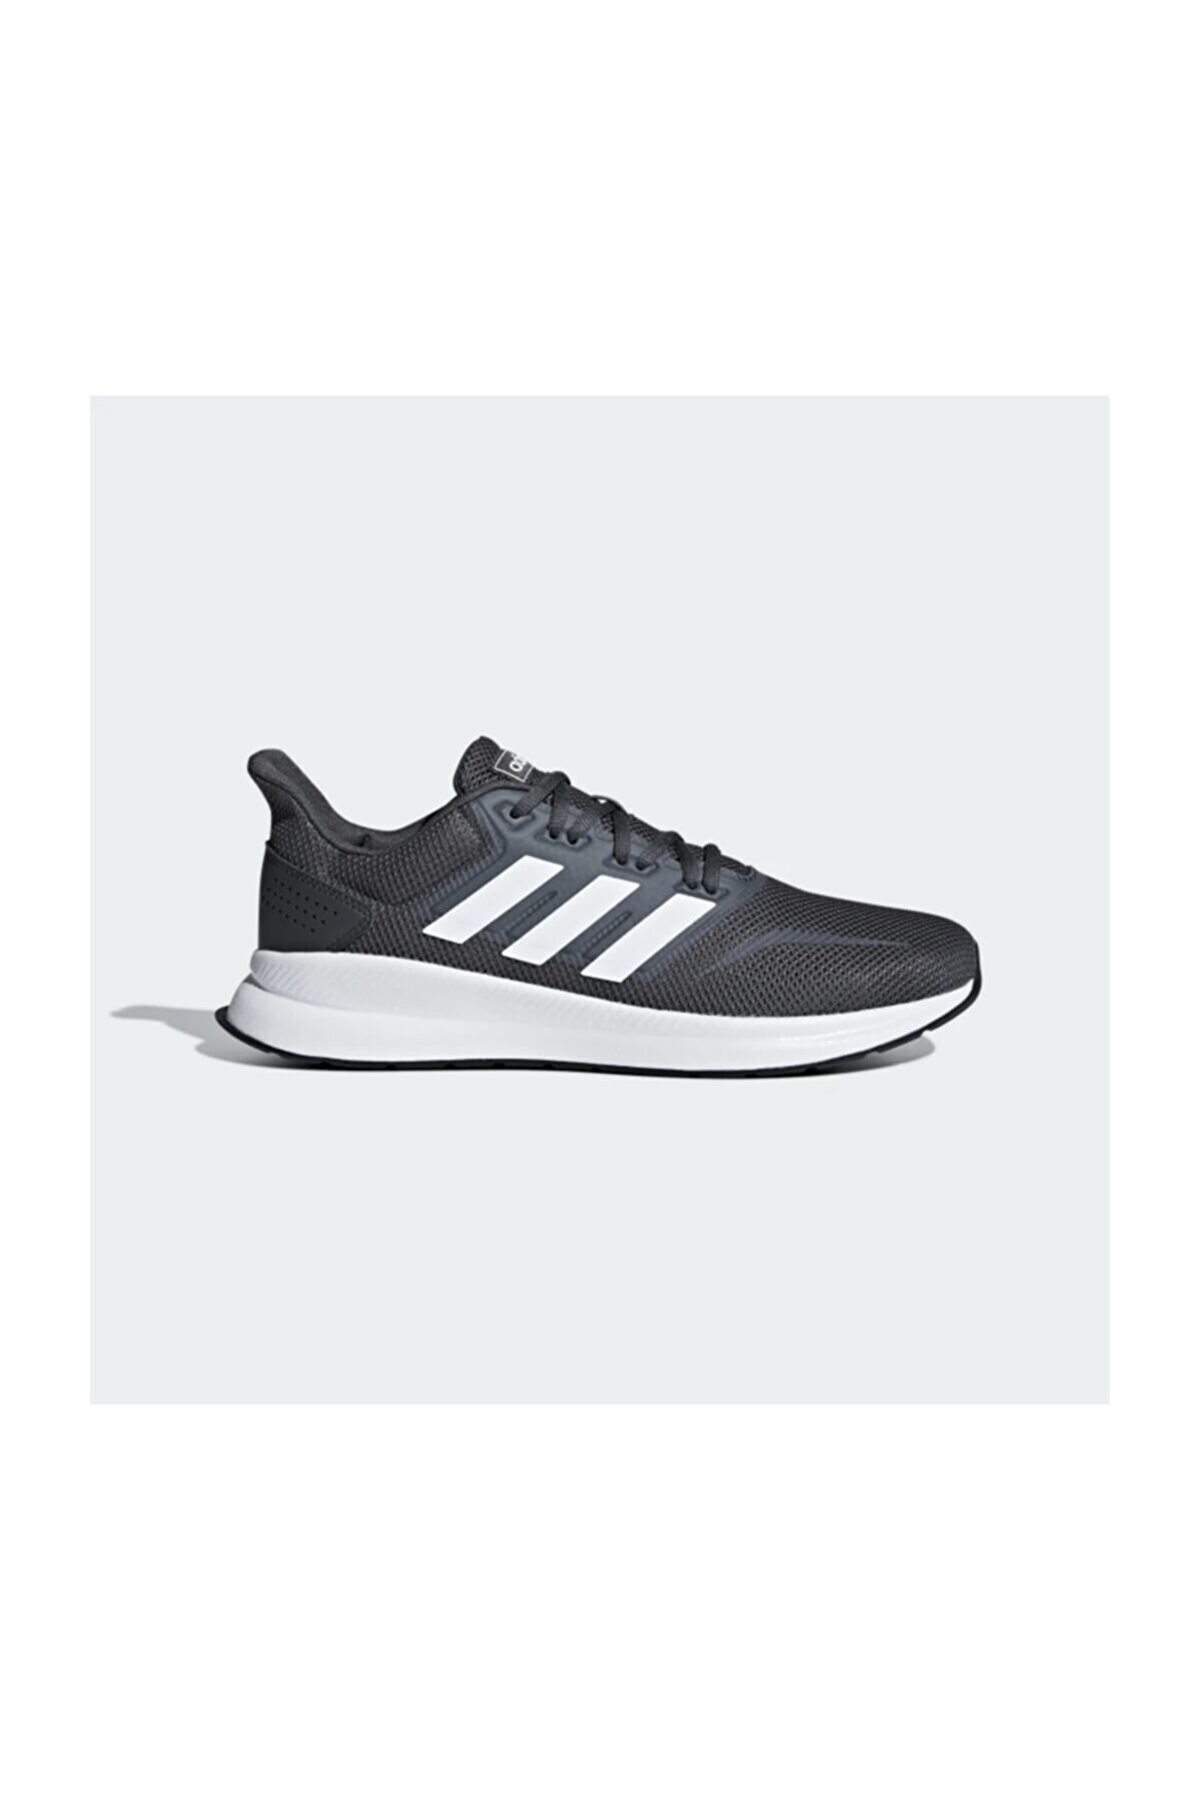 adidas F36200 Runfalcon Erkek Koşu Ayakkabısı